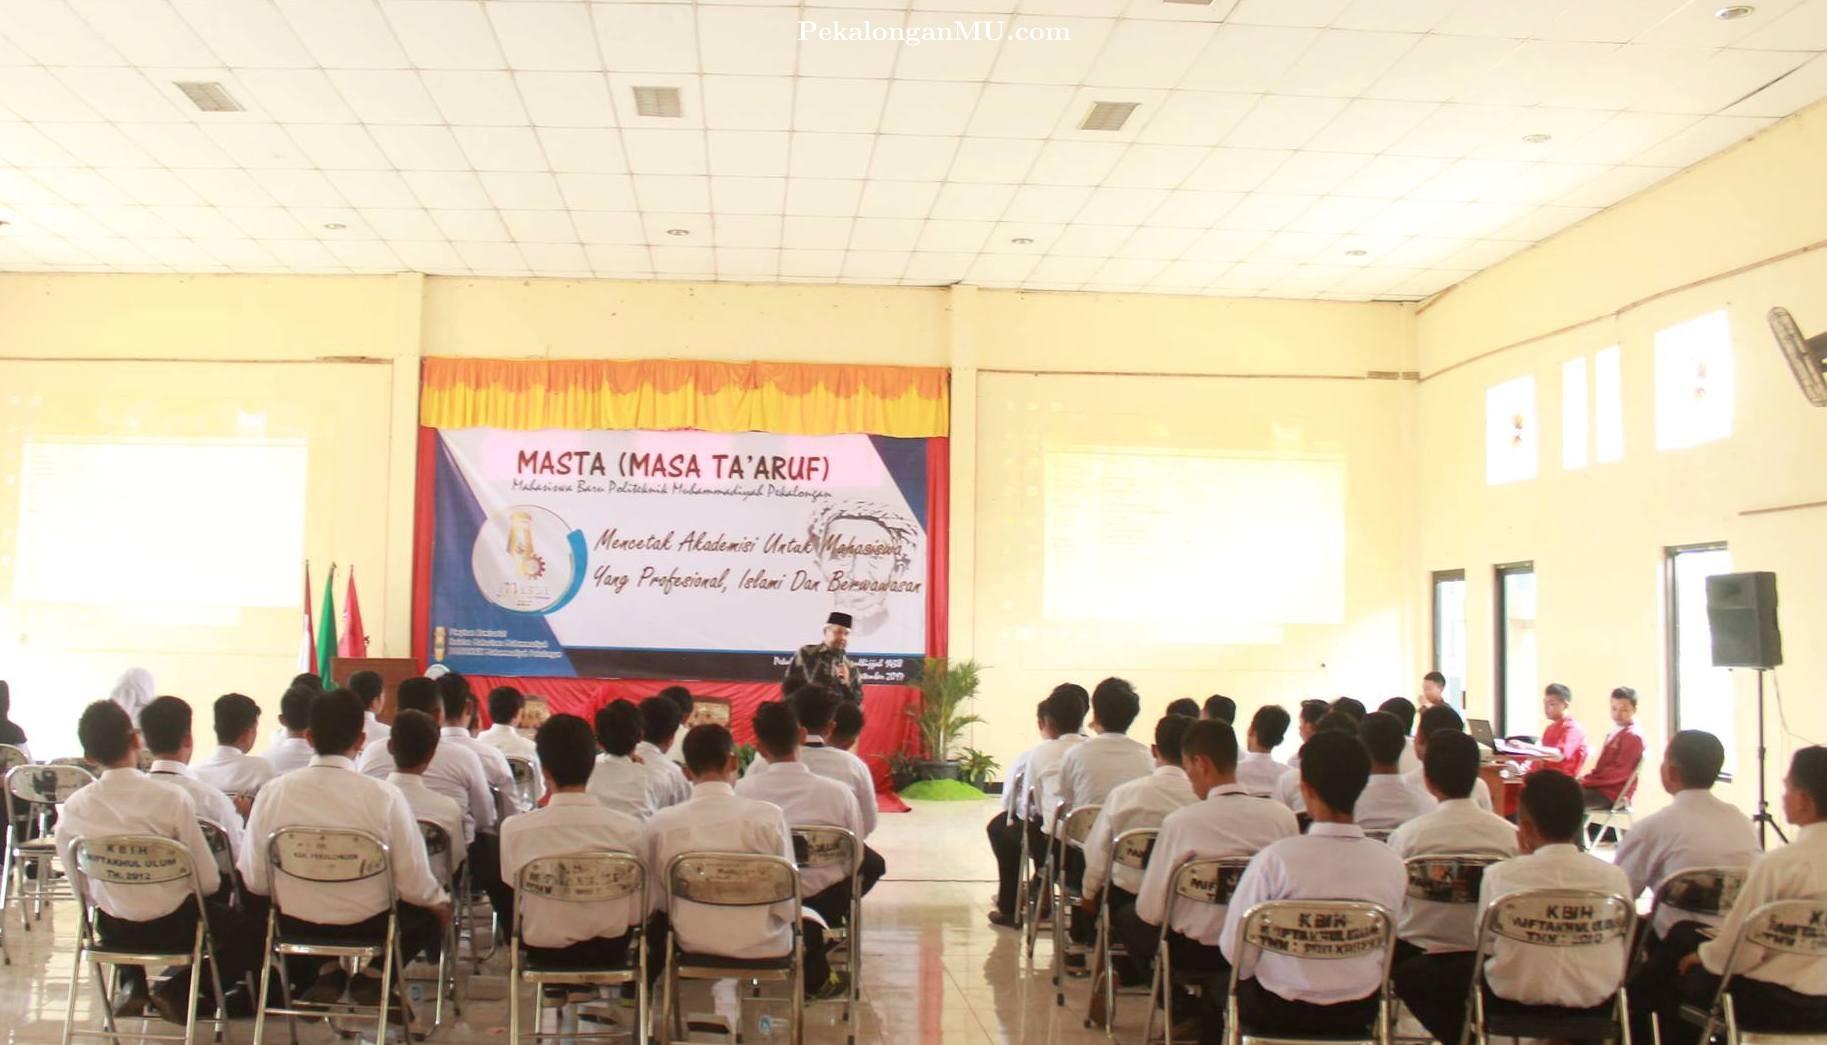 MASTA PK IMM Politeknik Muhammadiyah Pekalongan Serukan Mahasiswa Profesional, Islami, Dan Berwawasan